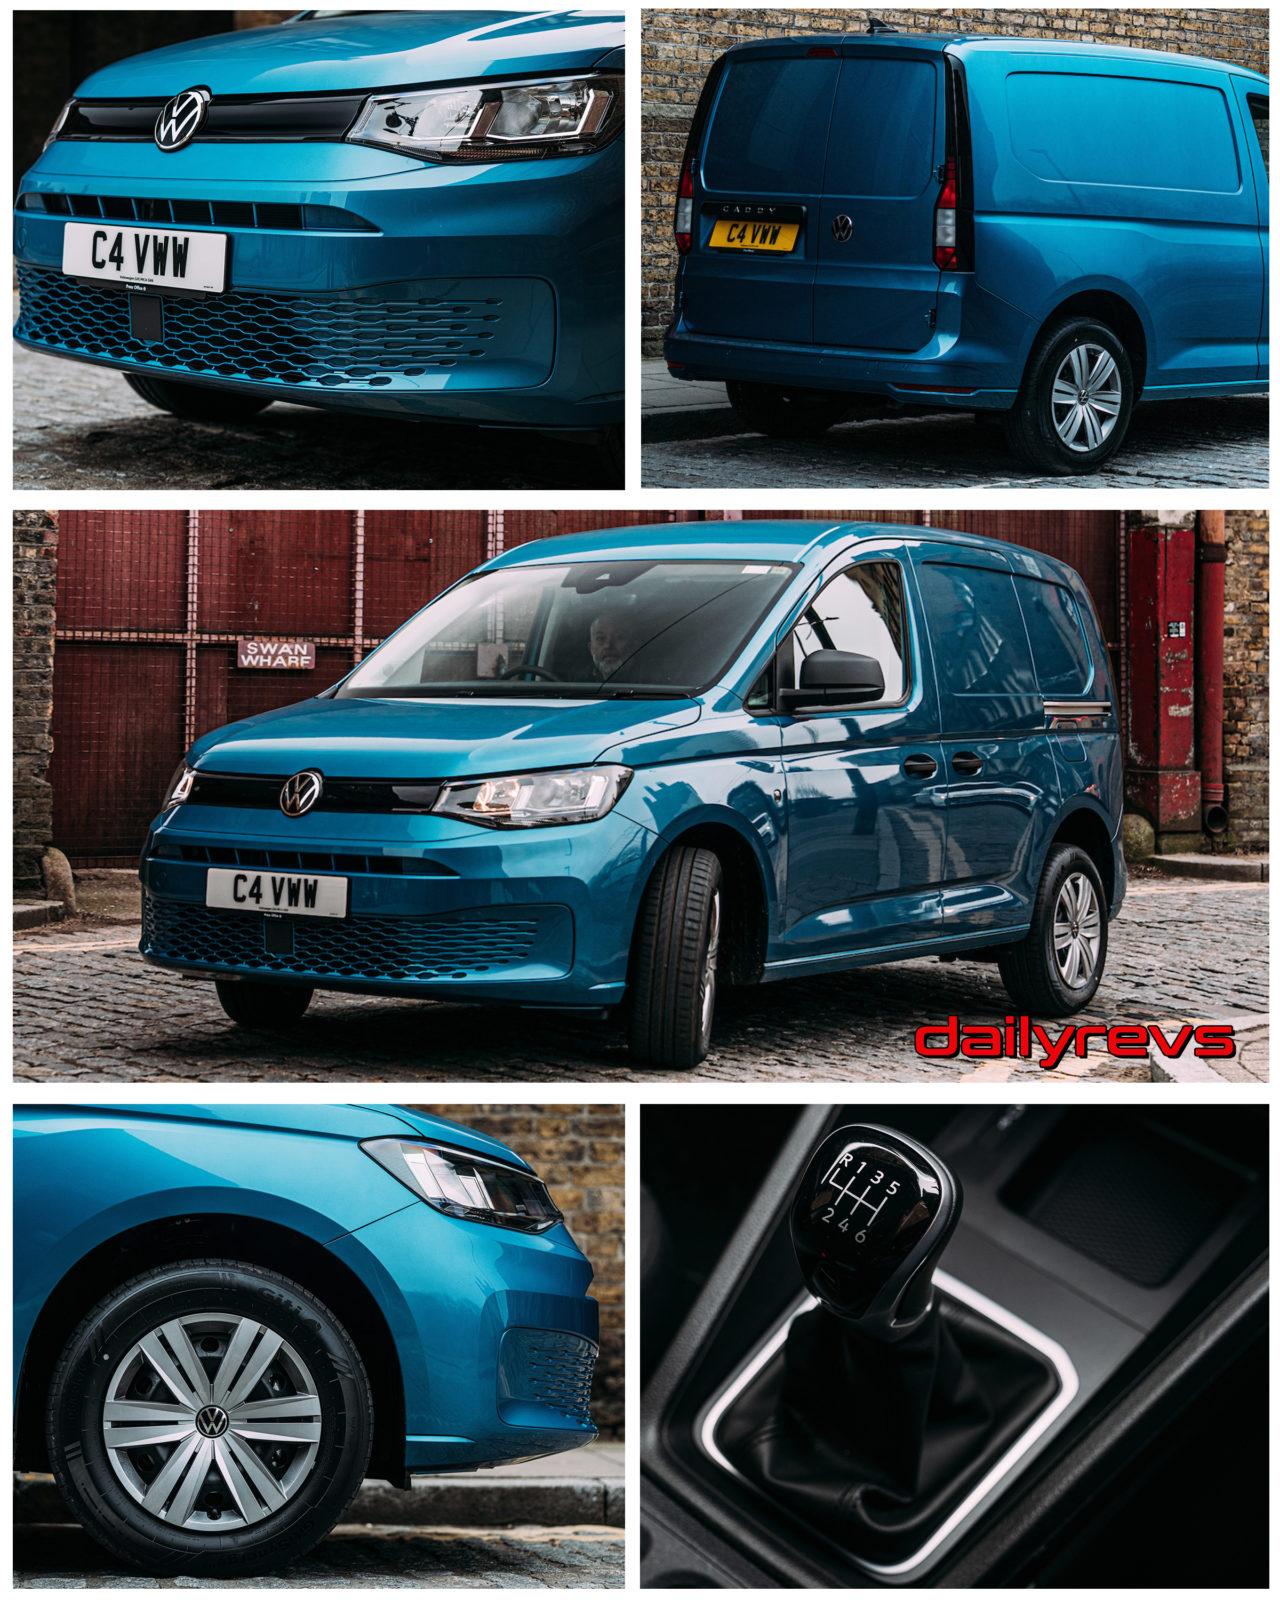 2021 Volkswagen Caddy Cargo - UK Version - Dailyrevs